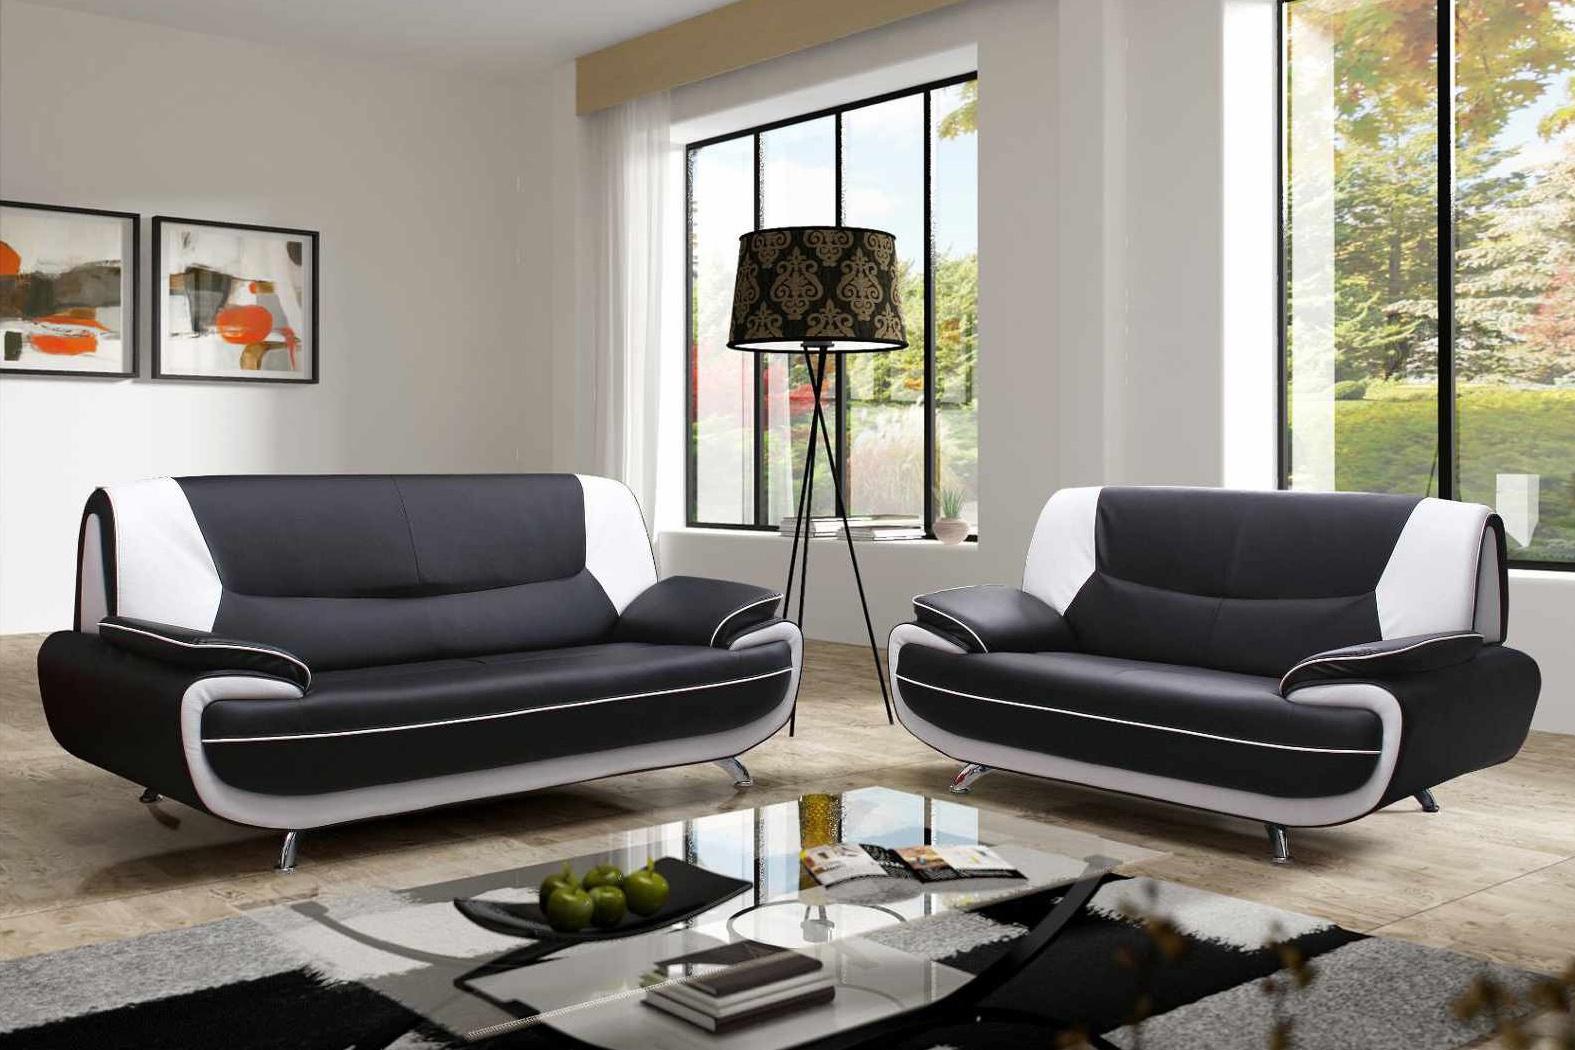 Photo Noir Et Blanc Design canapé 3 places blanc deco in paris canape 3 2 places design